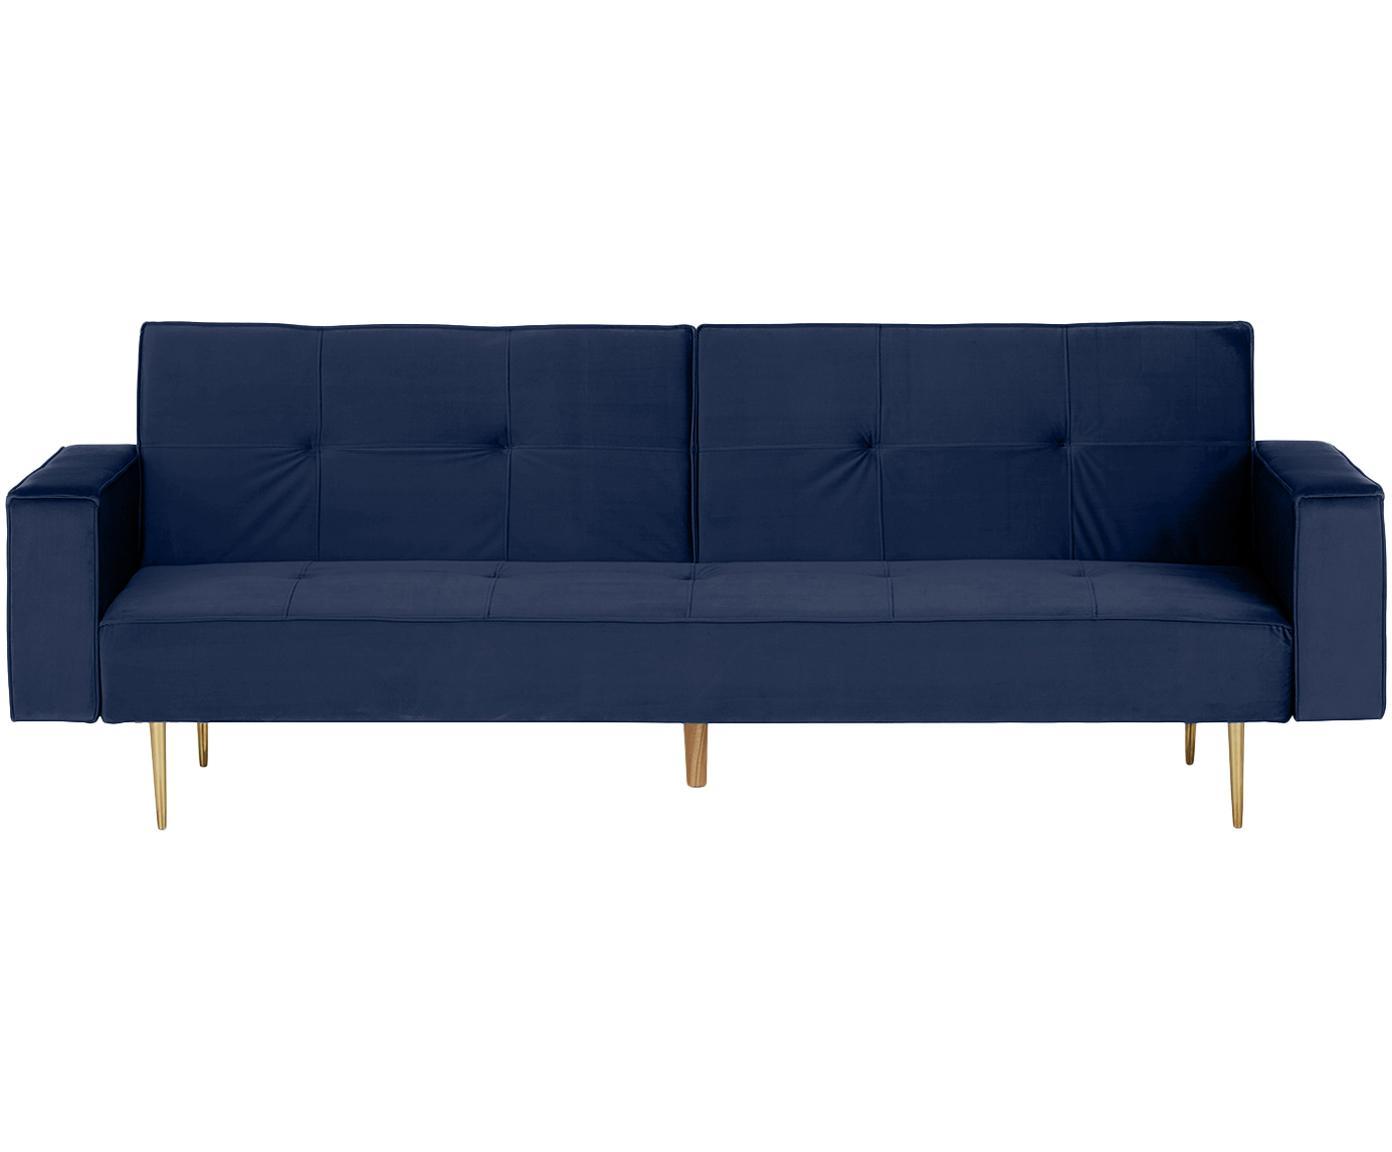 Sofa rozkładana z aksamitu Bridgit (3-osobowa), Tapicerka: aksamit (poliester) 28 00, Stelaż: drewno sosnowe, Nogi: drewno kauczukowe, Tapicerka: niebieski Nogi: odcienie złotego, błyszczący, S 232 x W 81 cm